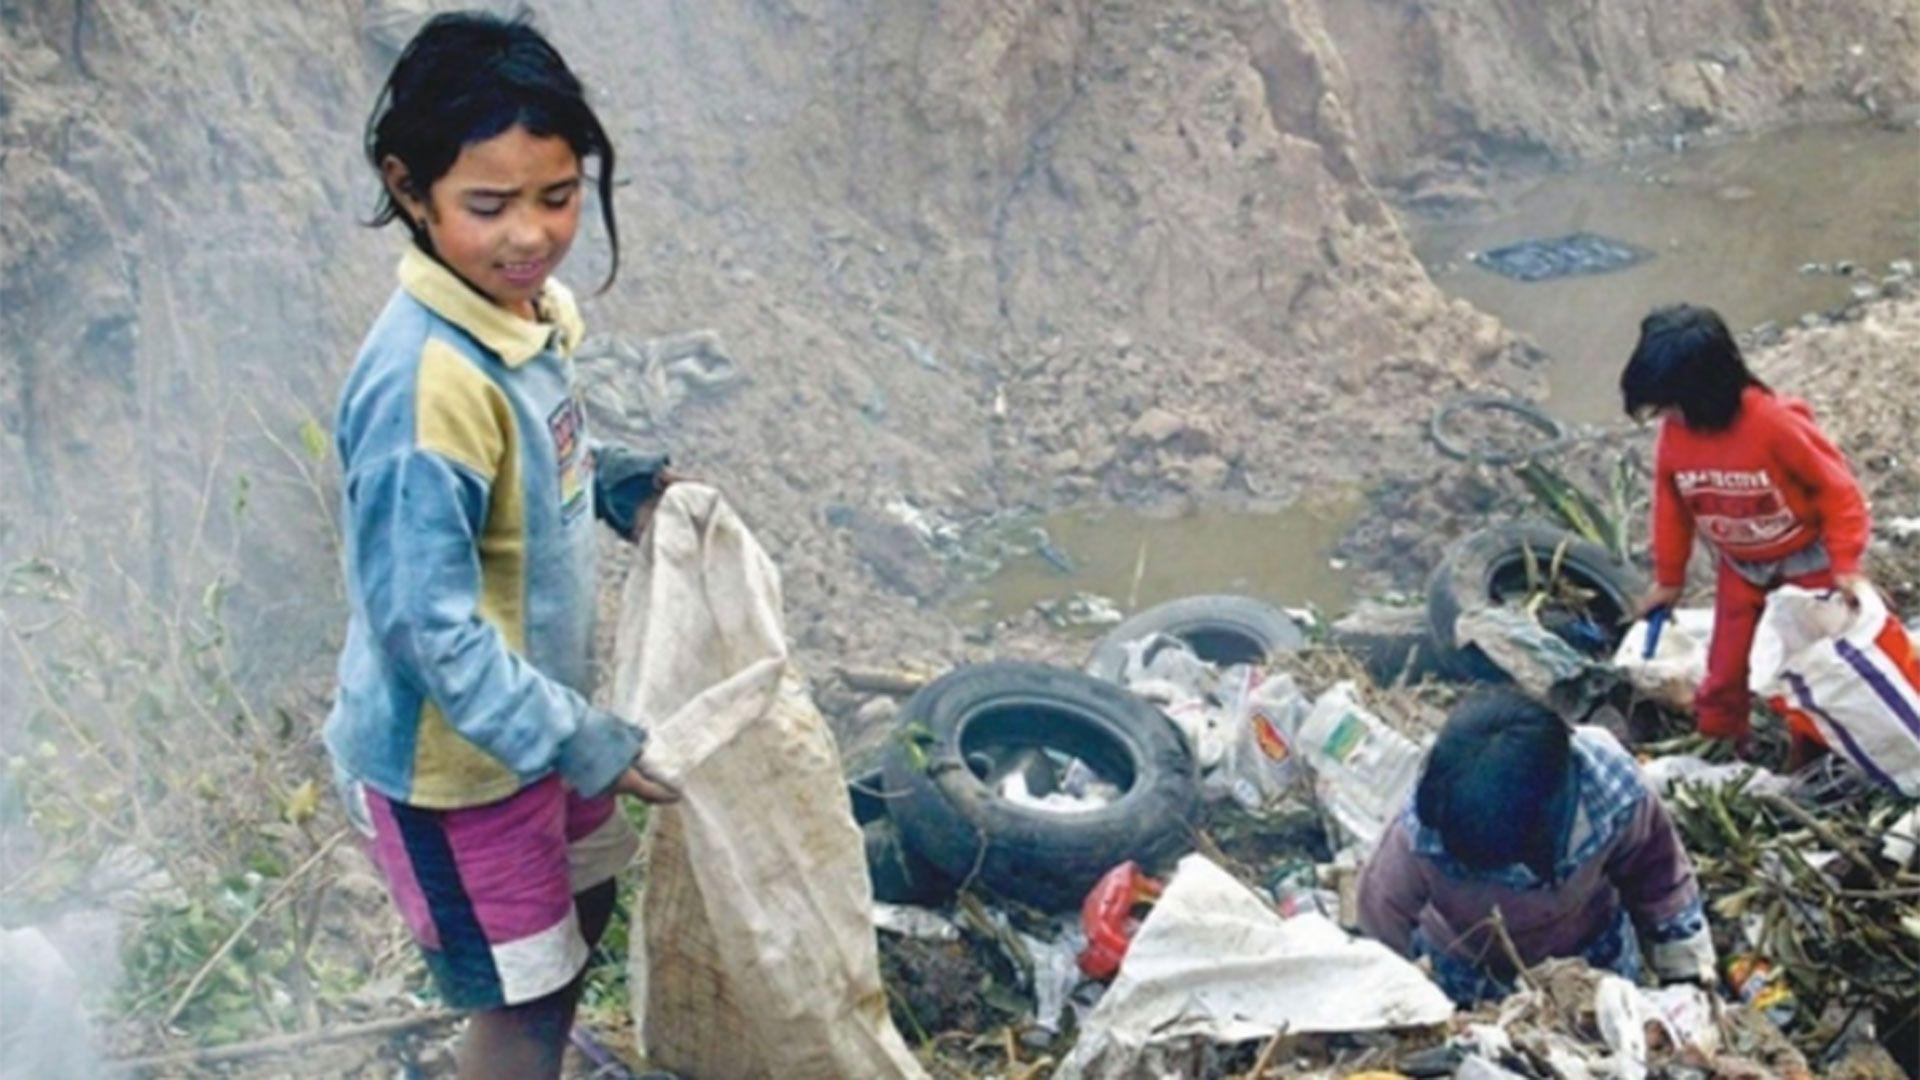 Según Unicef, la cantidad de niños pobres podría alcanzar a los 8 millones a finales de 2020